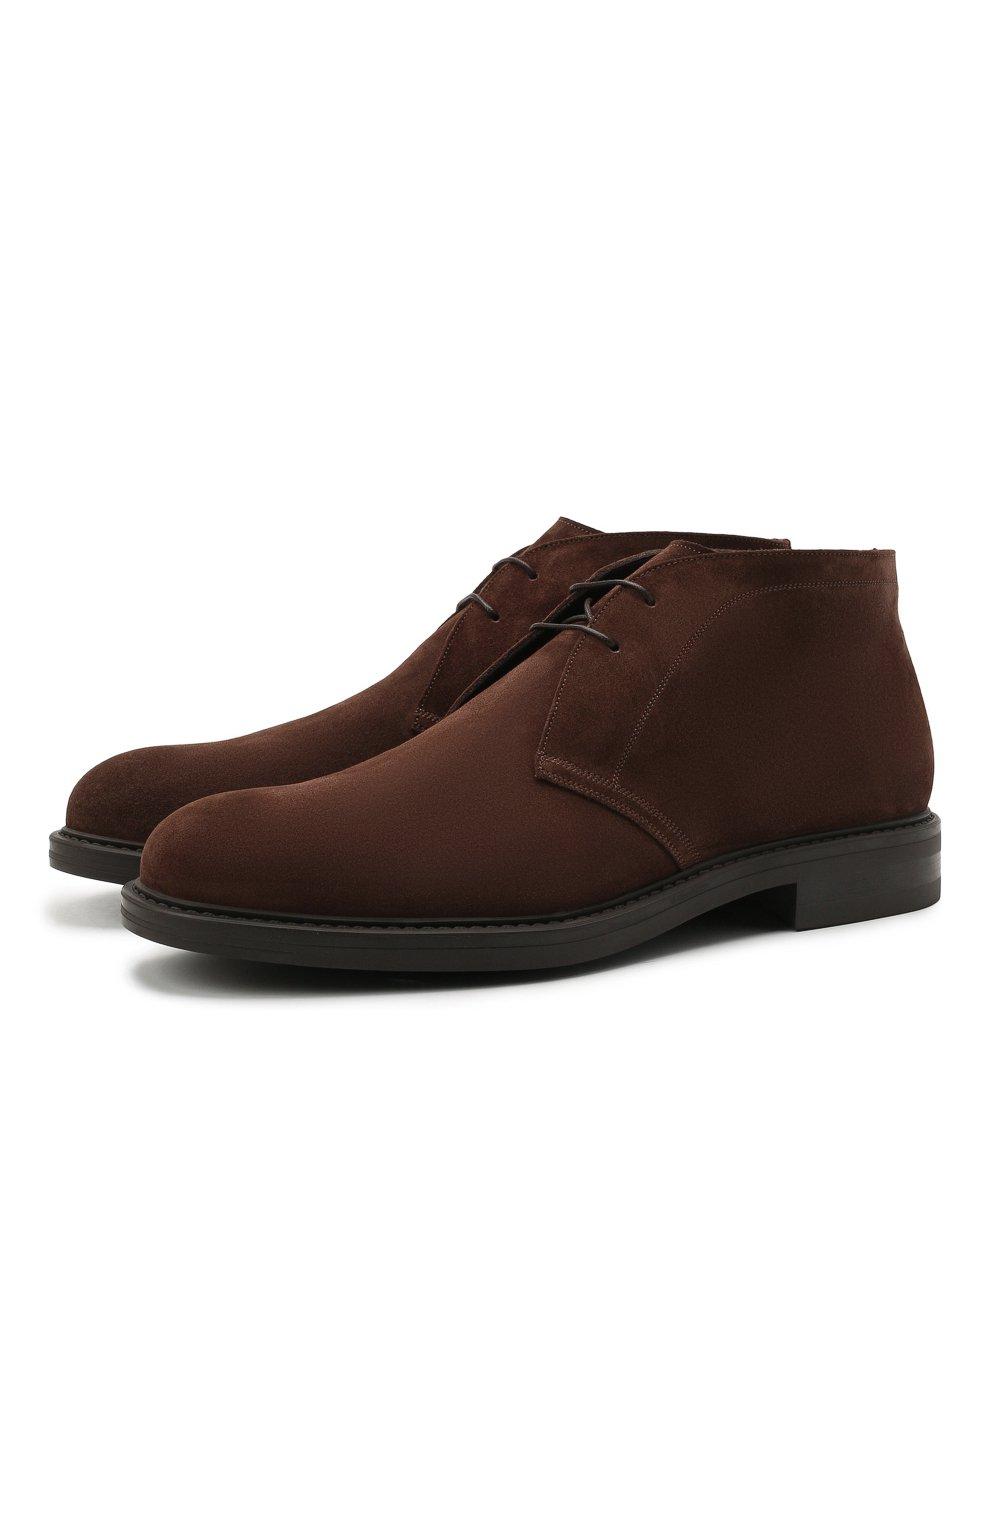 Мужские замшевые ботинки W.GIBBS коричневого цвета, арт. 3169005/2572 | Фото 1 (Материал утеплителя: Натуральный мех; Мужское Кросс-КТ: Ботинки-обувь, Дезерты-обувь, зимние ботинки; Подошва: Плоская; Материал внешний: Замша)